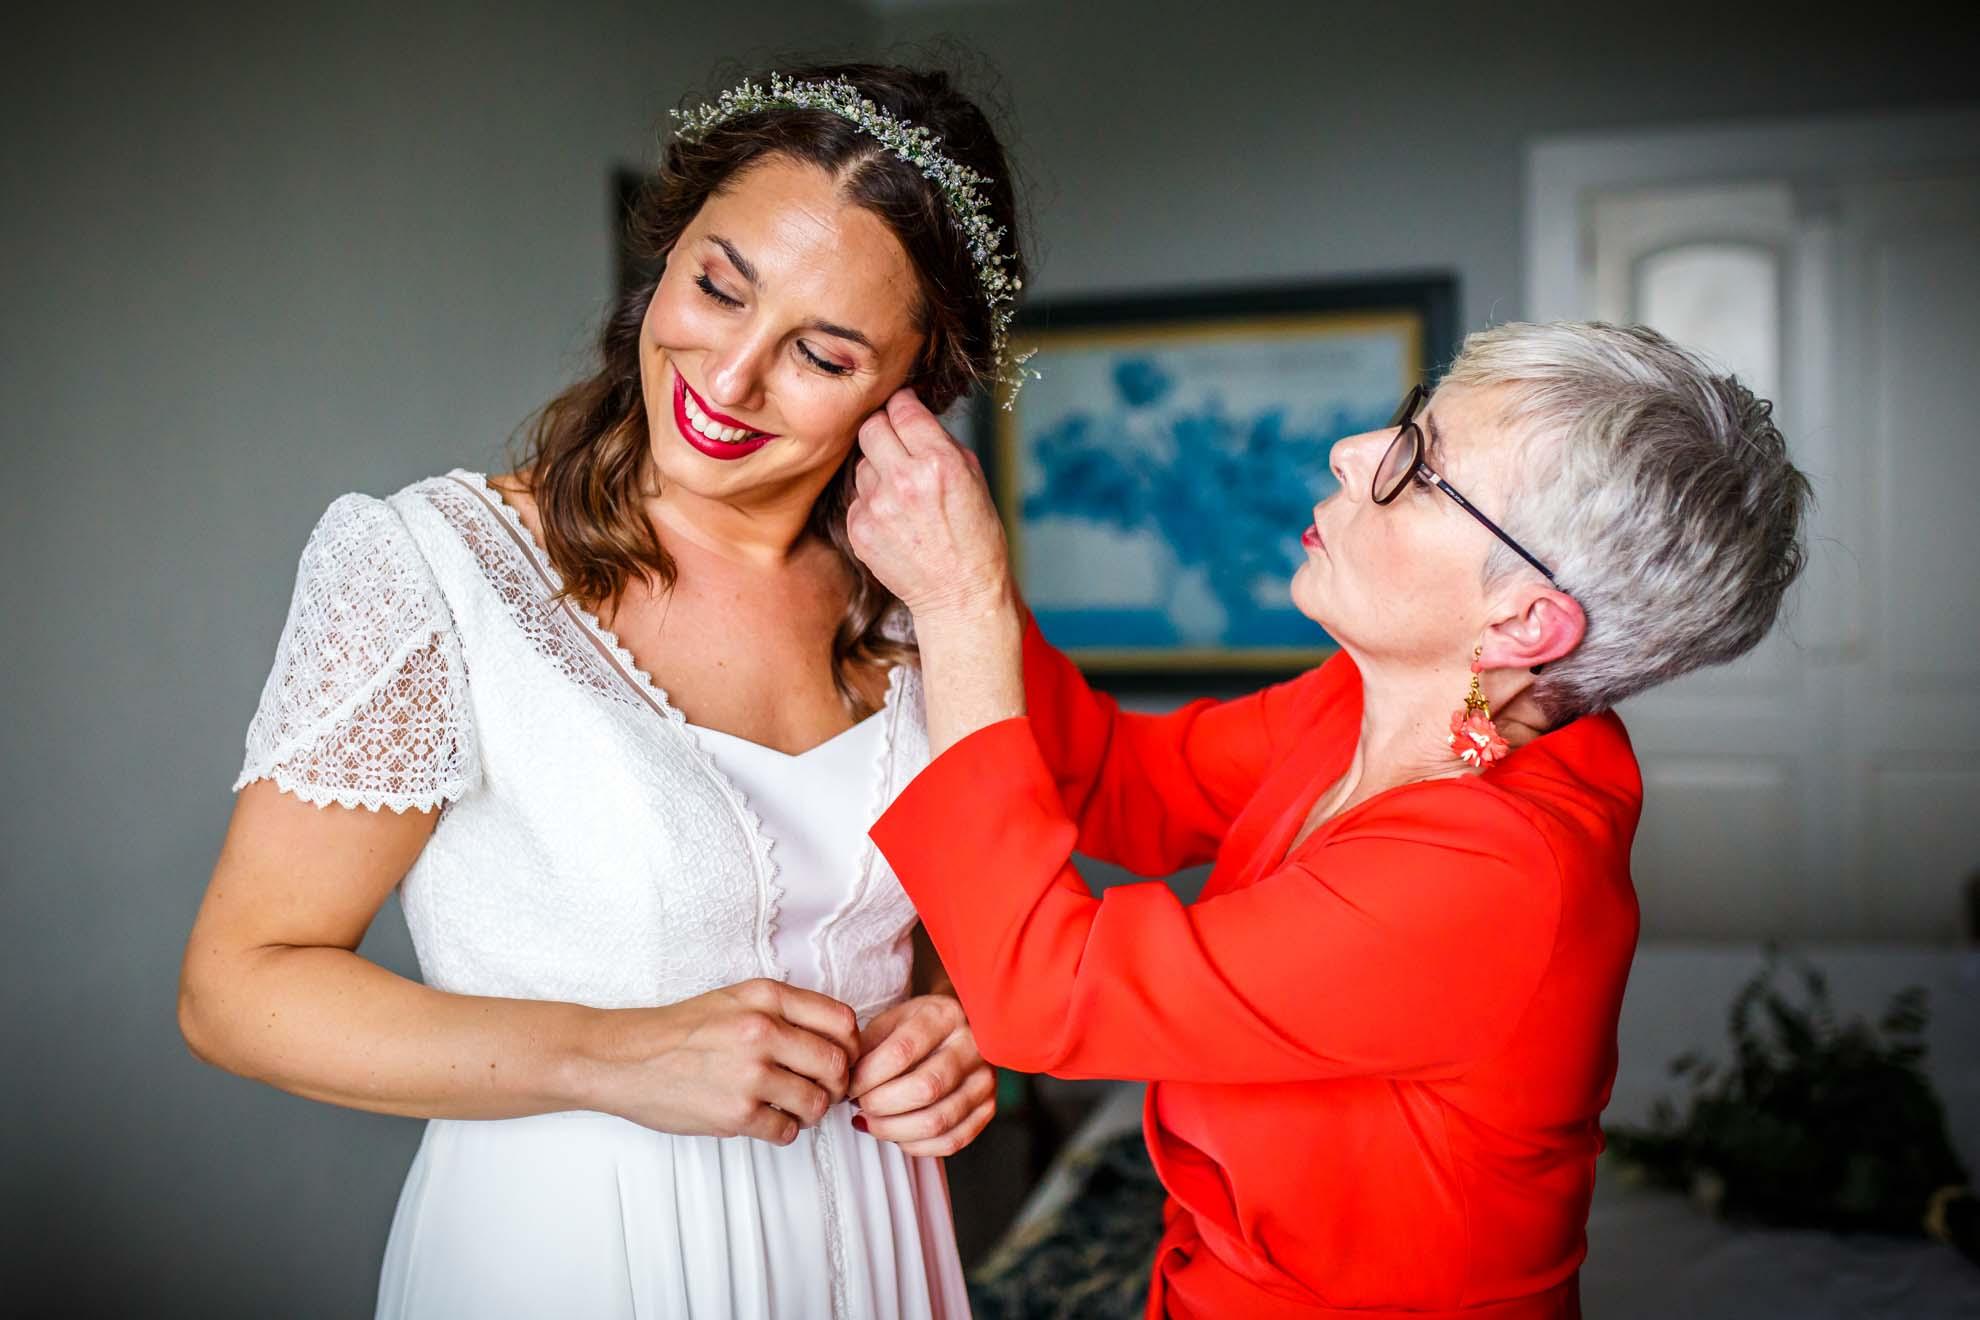 madre abrocha un pendiente a su hija